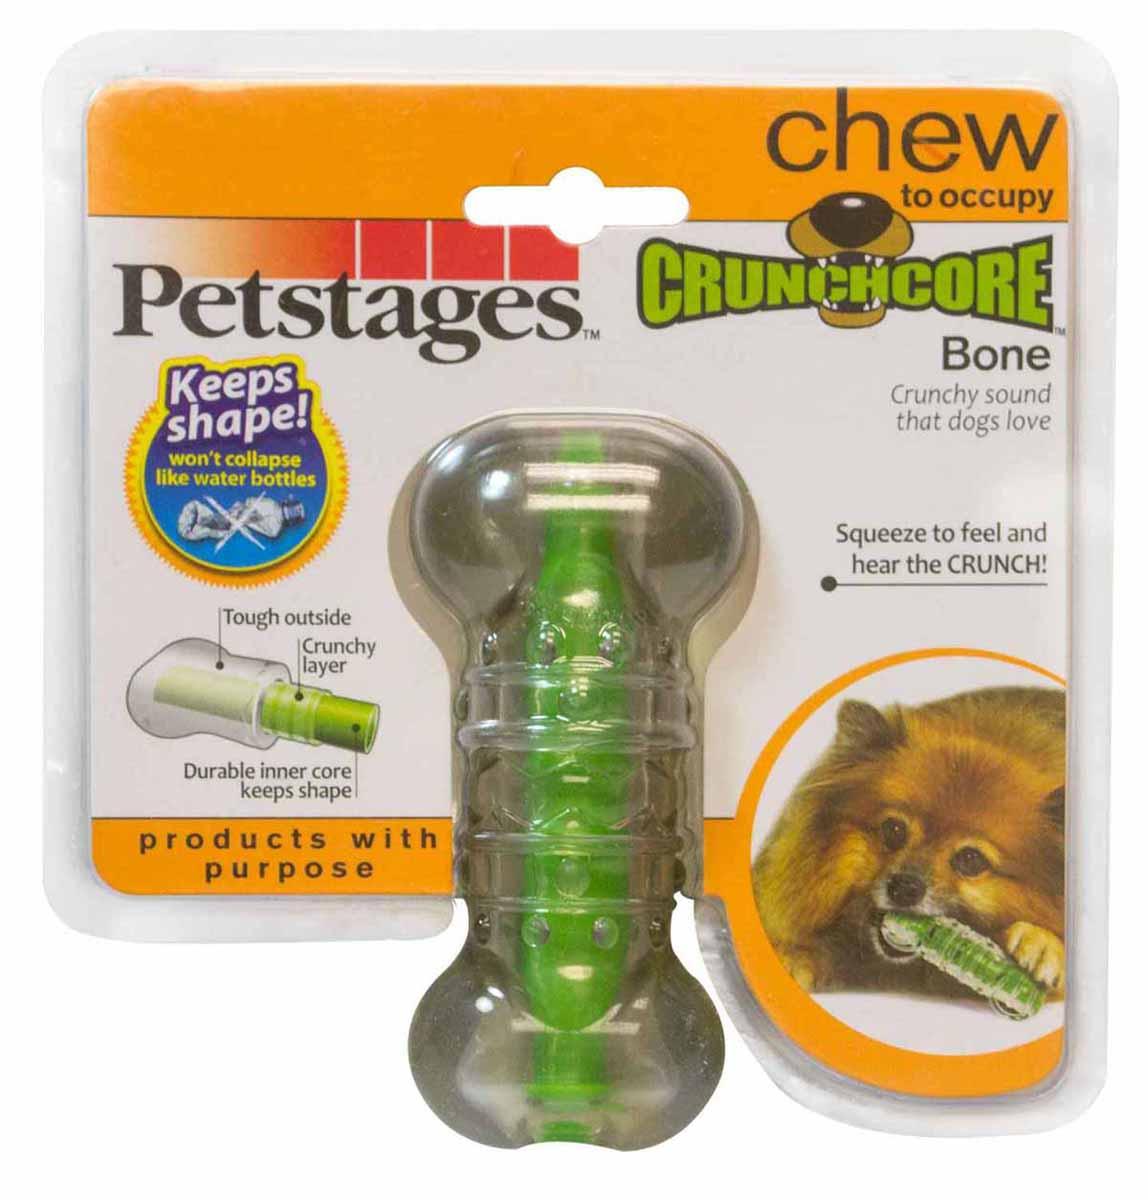 Игрушка для собак Petstages Хрустящая косточка, длина 11 см. 264YEX264YEXИгрушка для собак Petstages Хрустящая косточка предназначена для собак мелких пород. Выполнена из прочной и гибкой синтетической резины. Внутри игрушки имеется сердечник, выполненный из резины и пластика. Пластик издает хрустящий звук в процессе игры, что привлекает собак.Длина игрушки: 11 см.Товар сертифицирован.